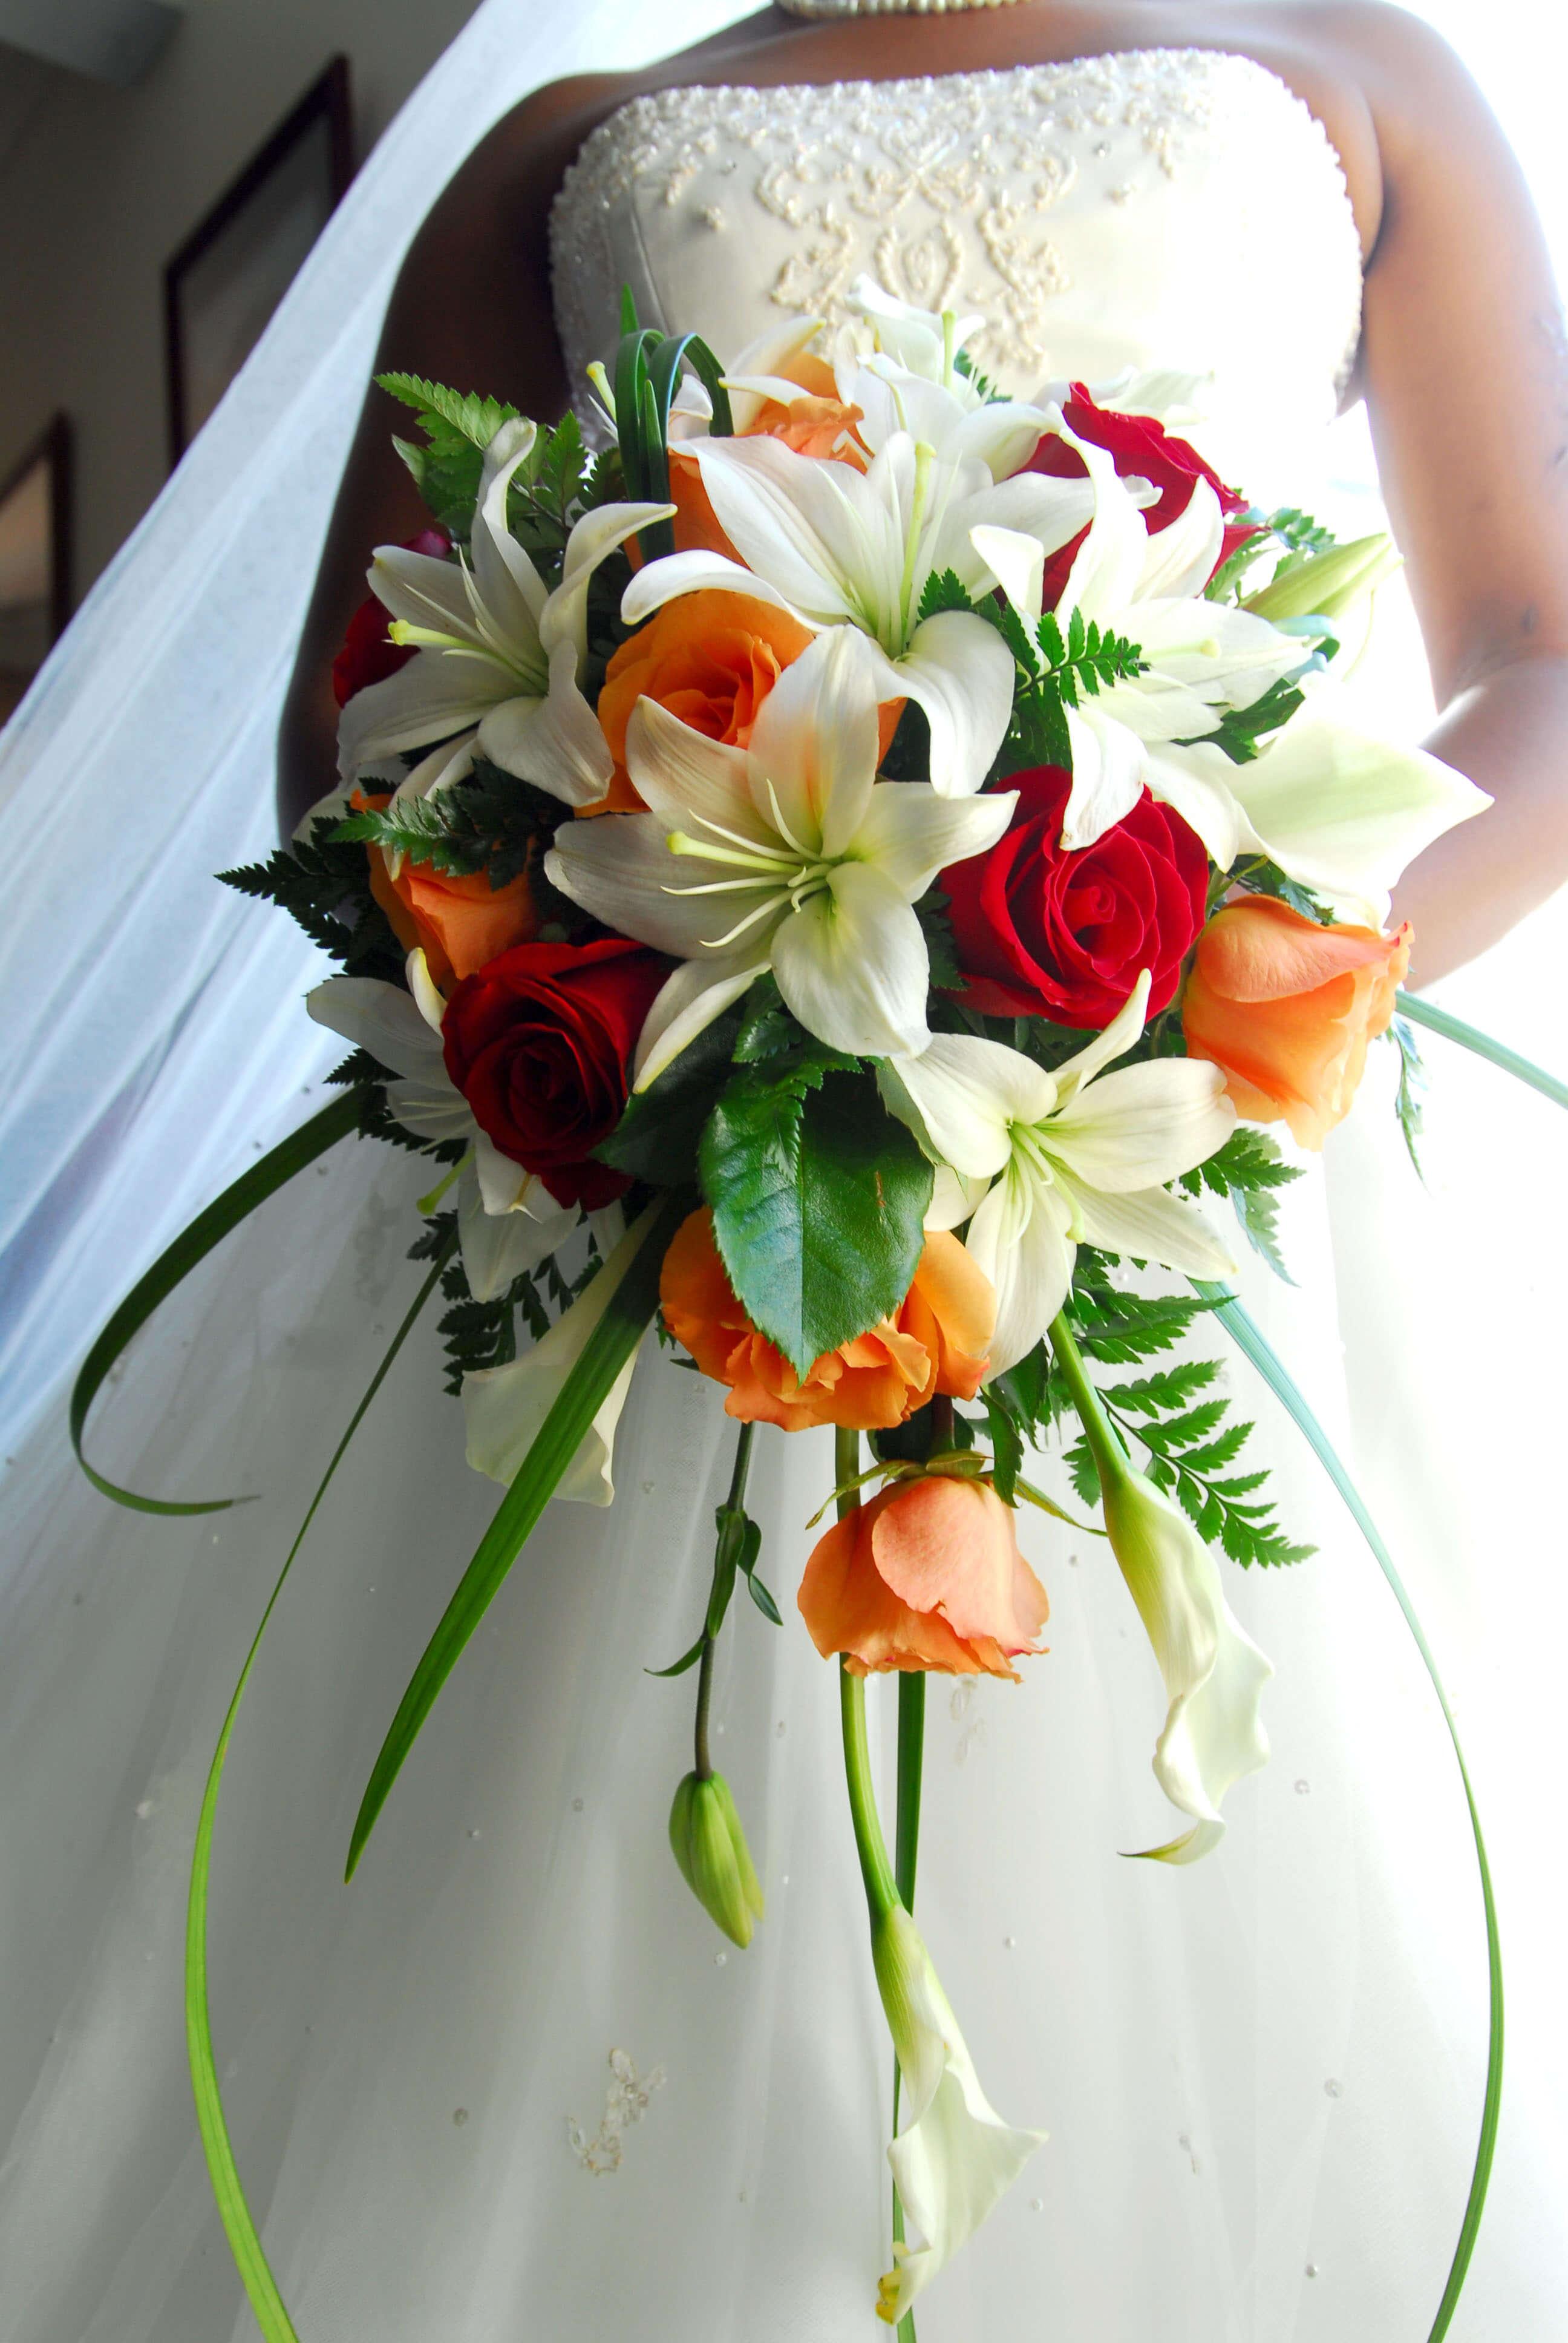 Brautstrauß mit Rosen und Lilien | Große Bildergalerie